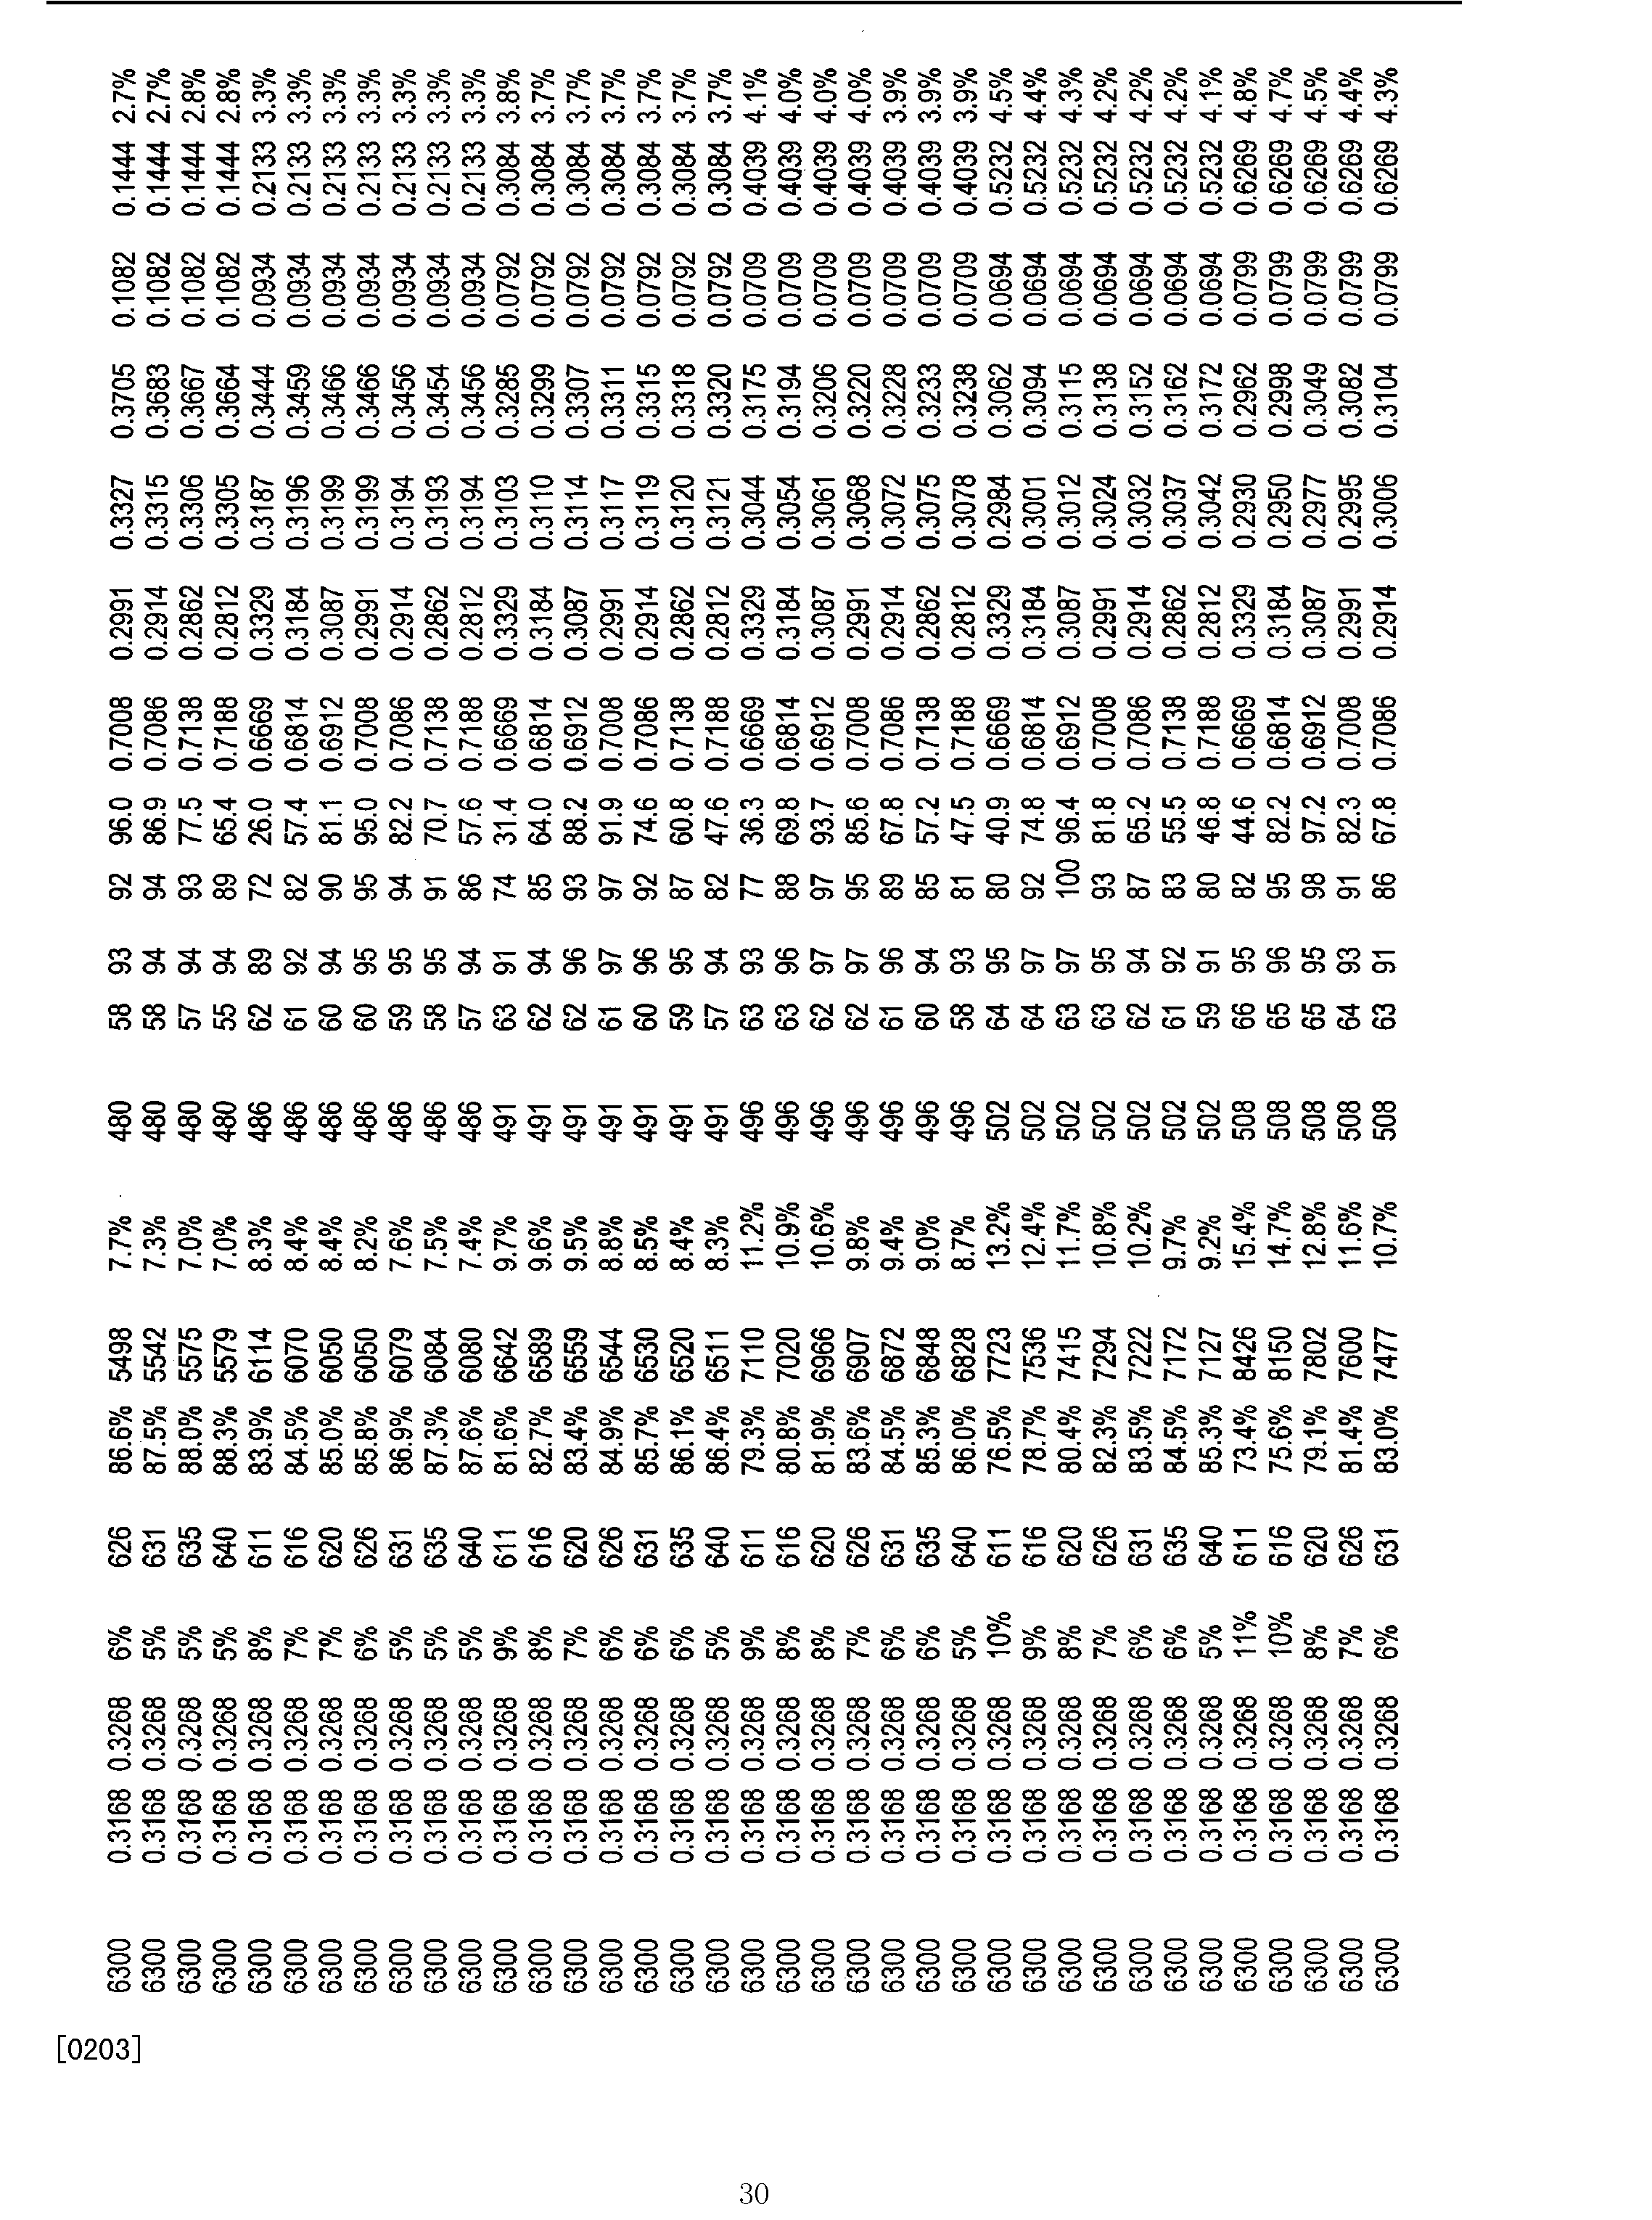 Figure CN101821544BD00301